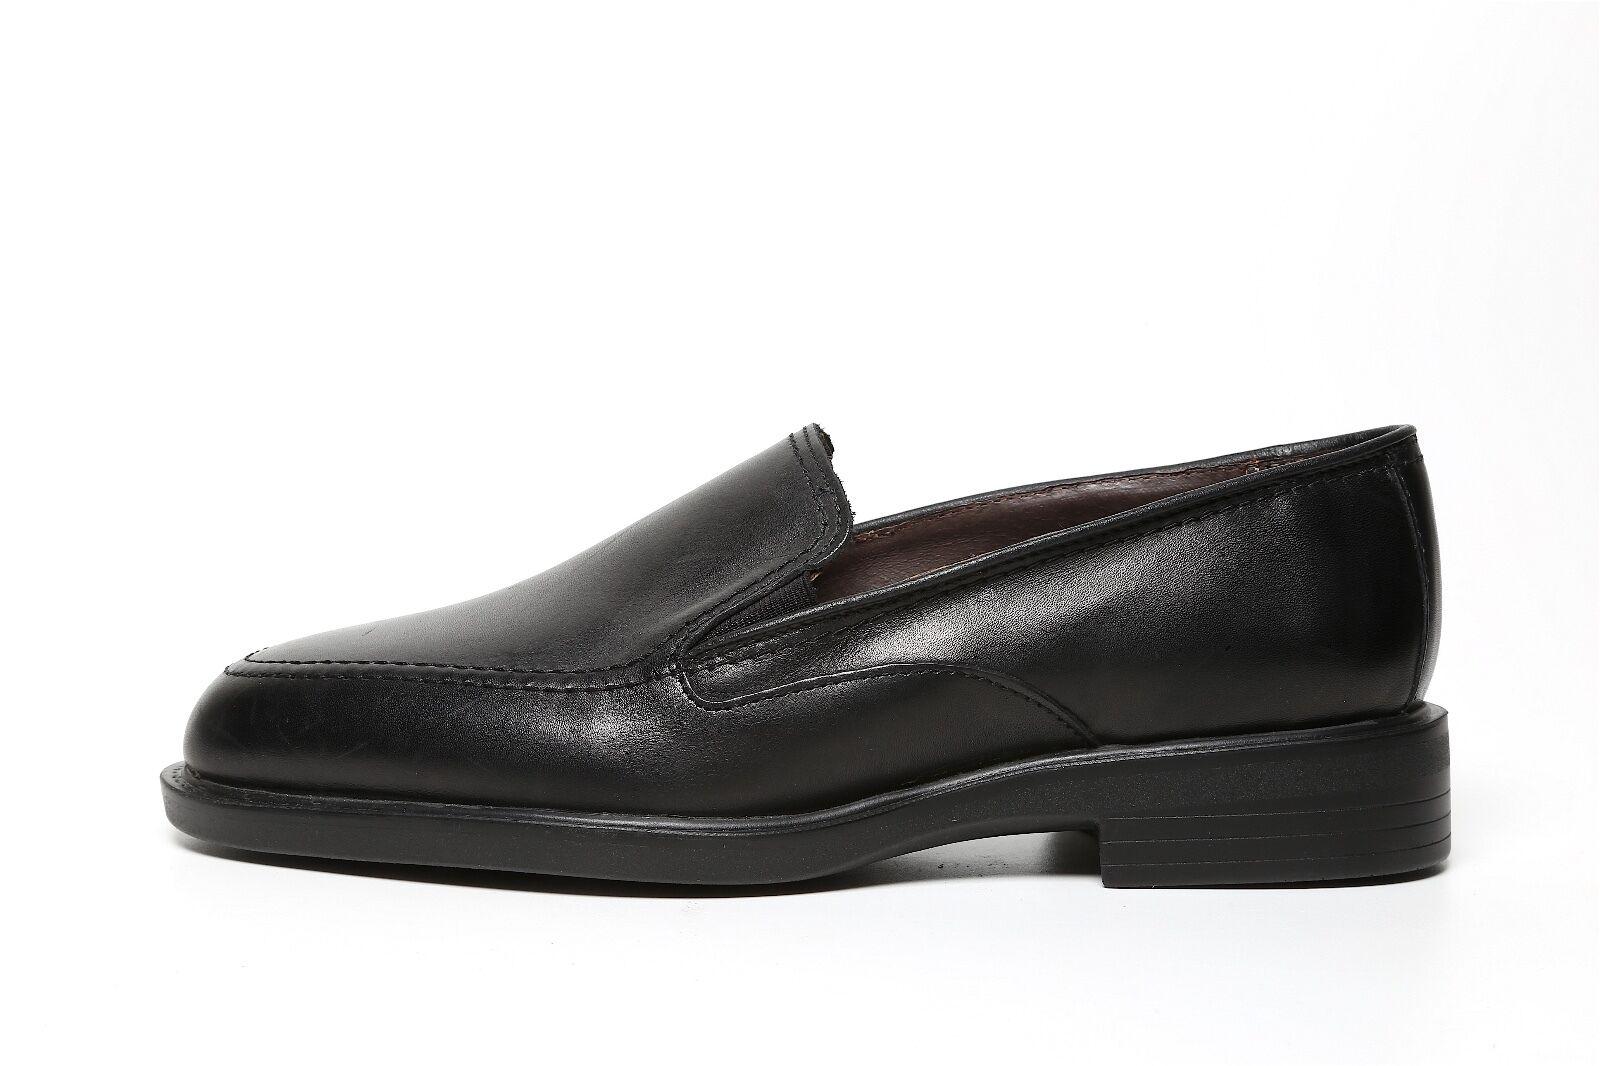 Allen Edmonds para Hombre de Cuero Negro Cojín Talón Almohadilla Resbalón en Zapatos 6280 E